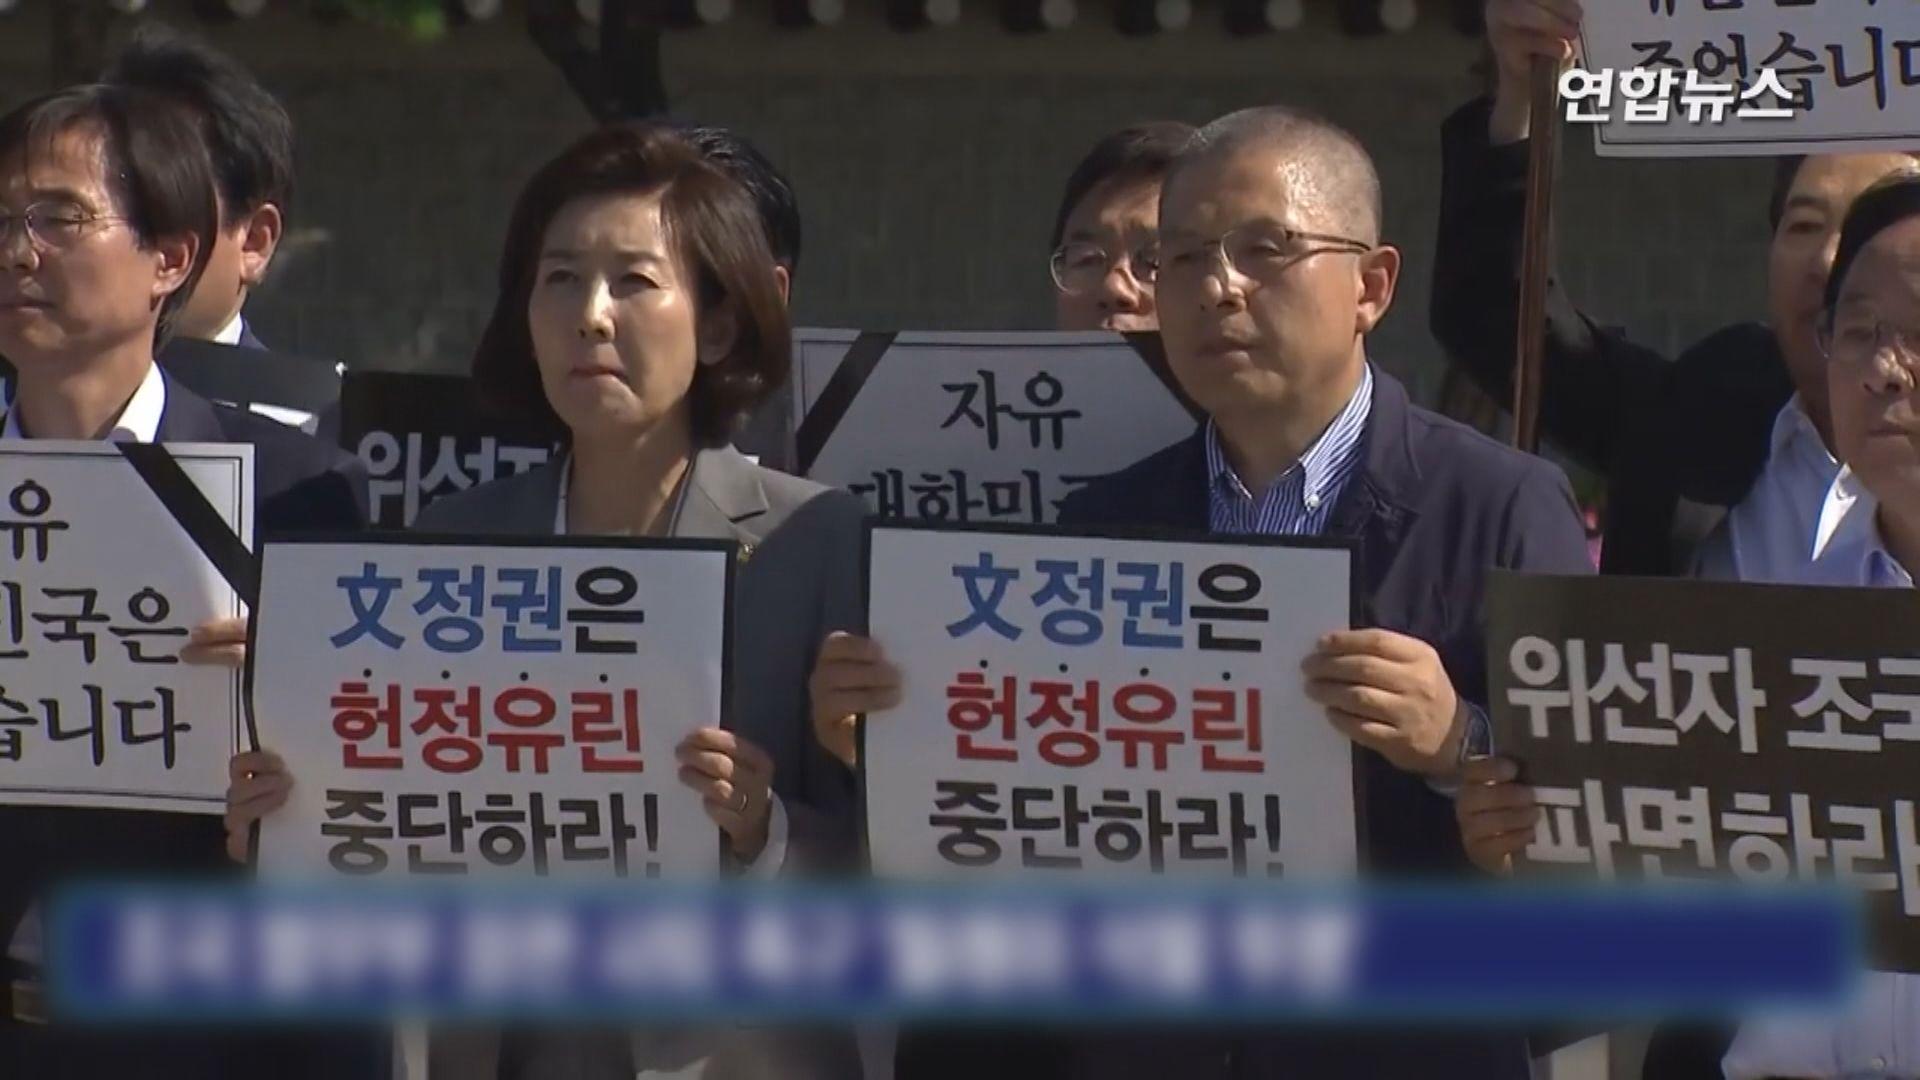 南韓在野黨議員剃髮要求曹國下台